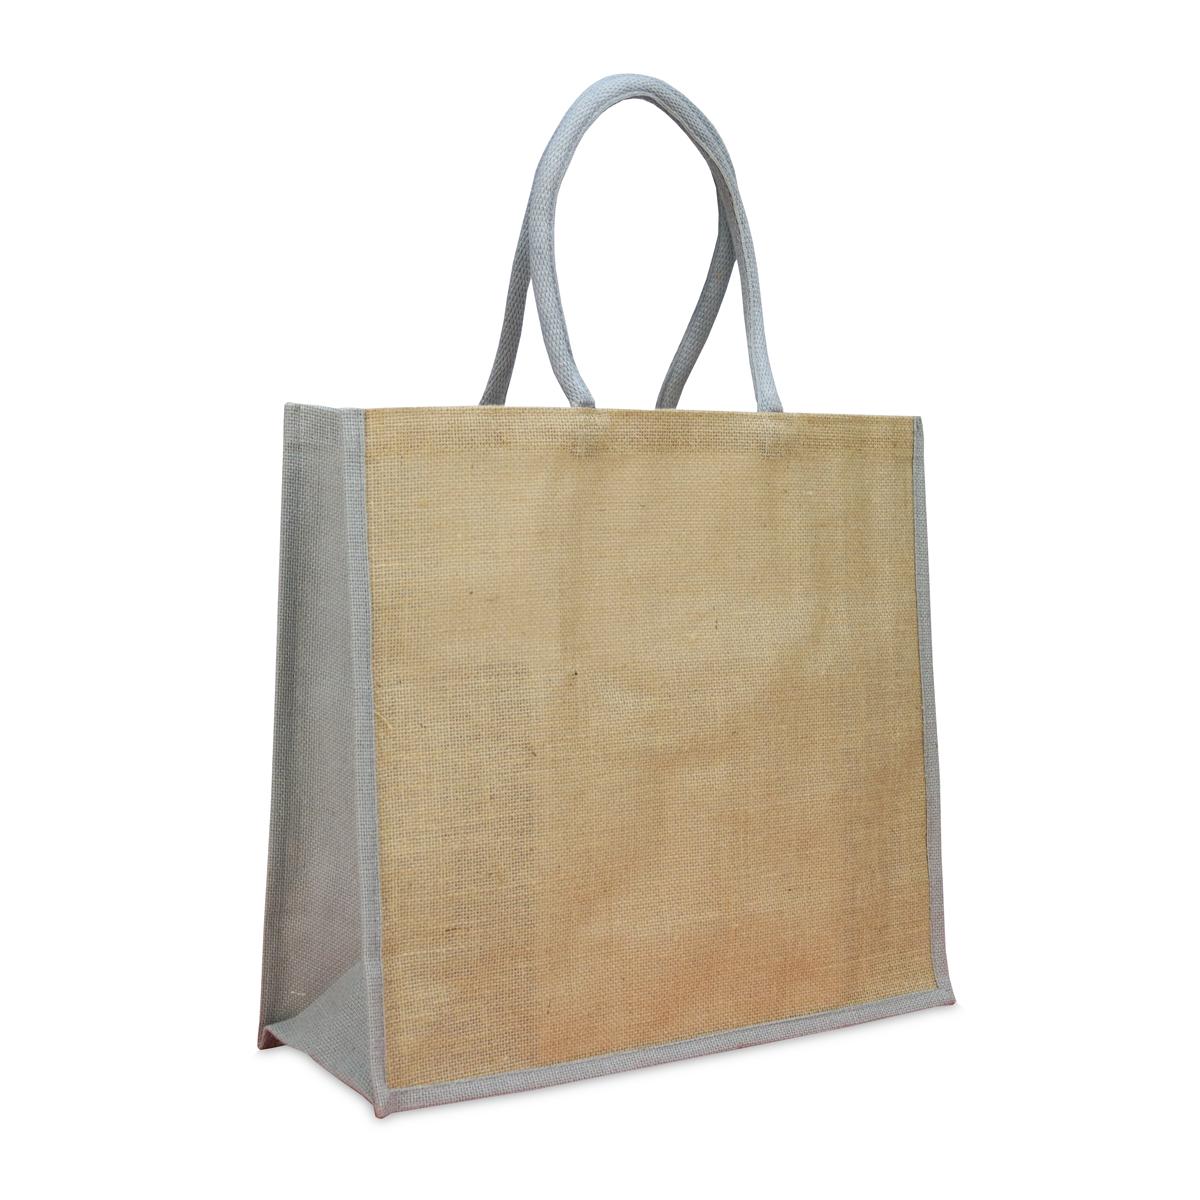 Jute tassen met gekleurde koorden en zijvouwen